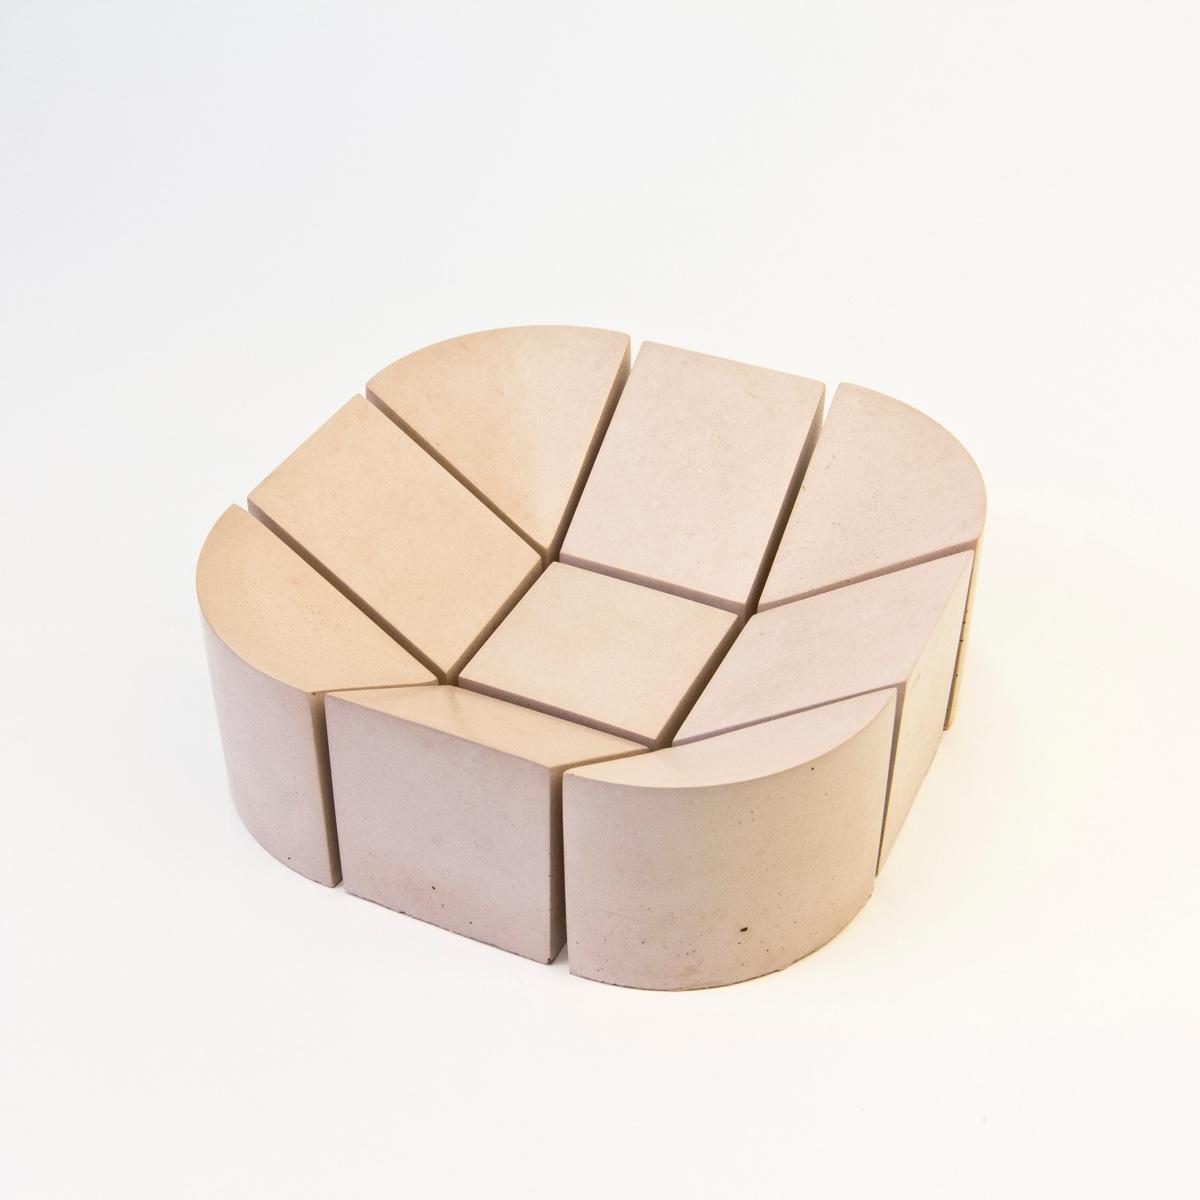 Всемирно известный дизайнер Филипп Малуин - необычная чаша